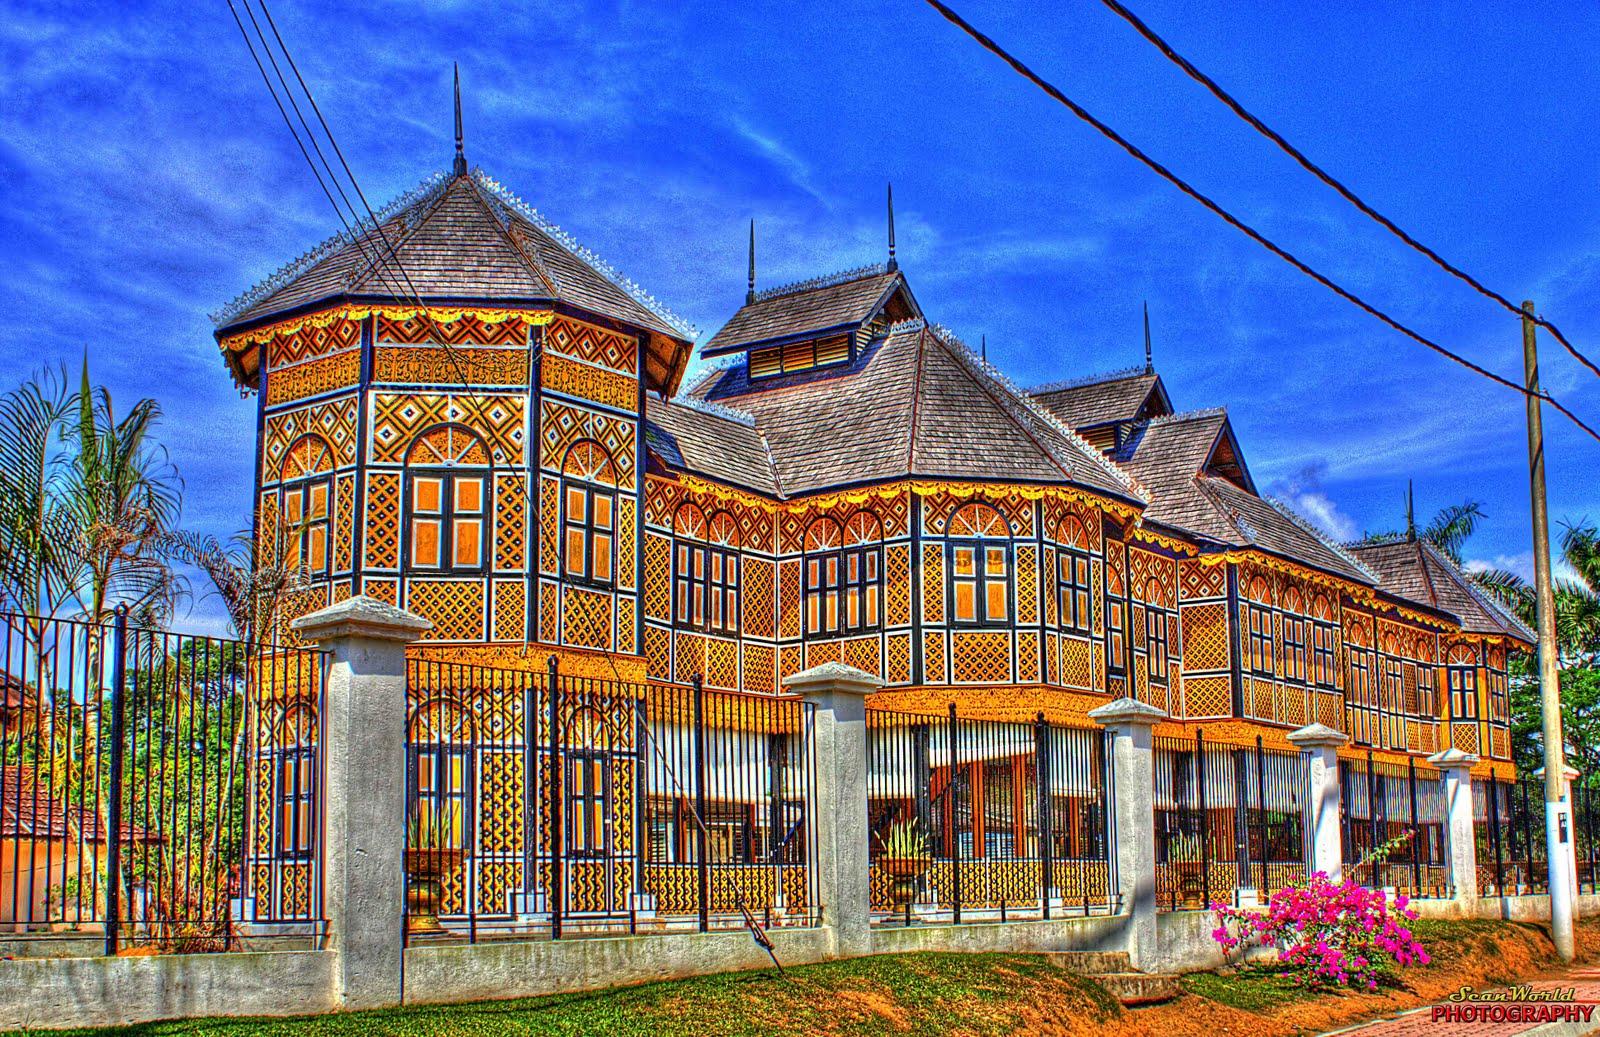 Istana Kenangan Perak Royal Museum Seanworld 民胜世界